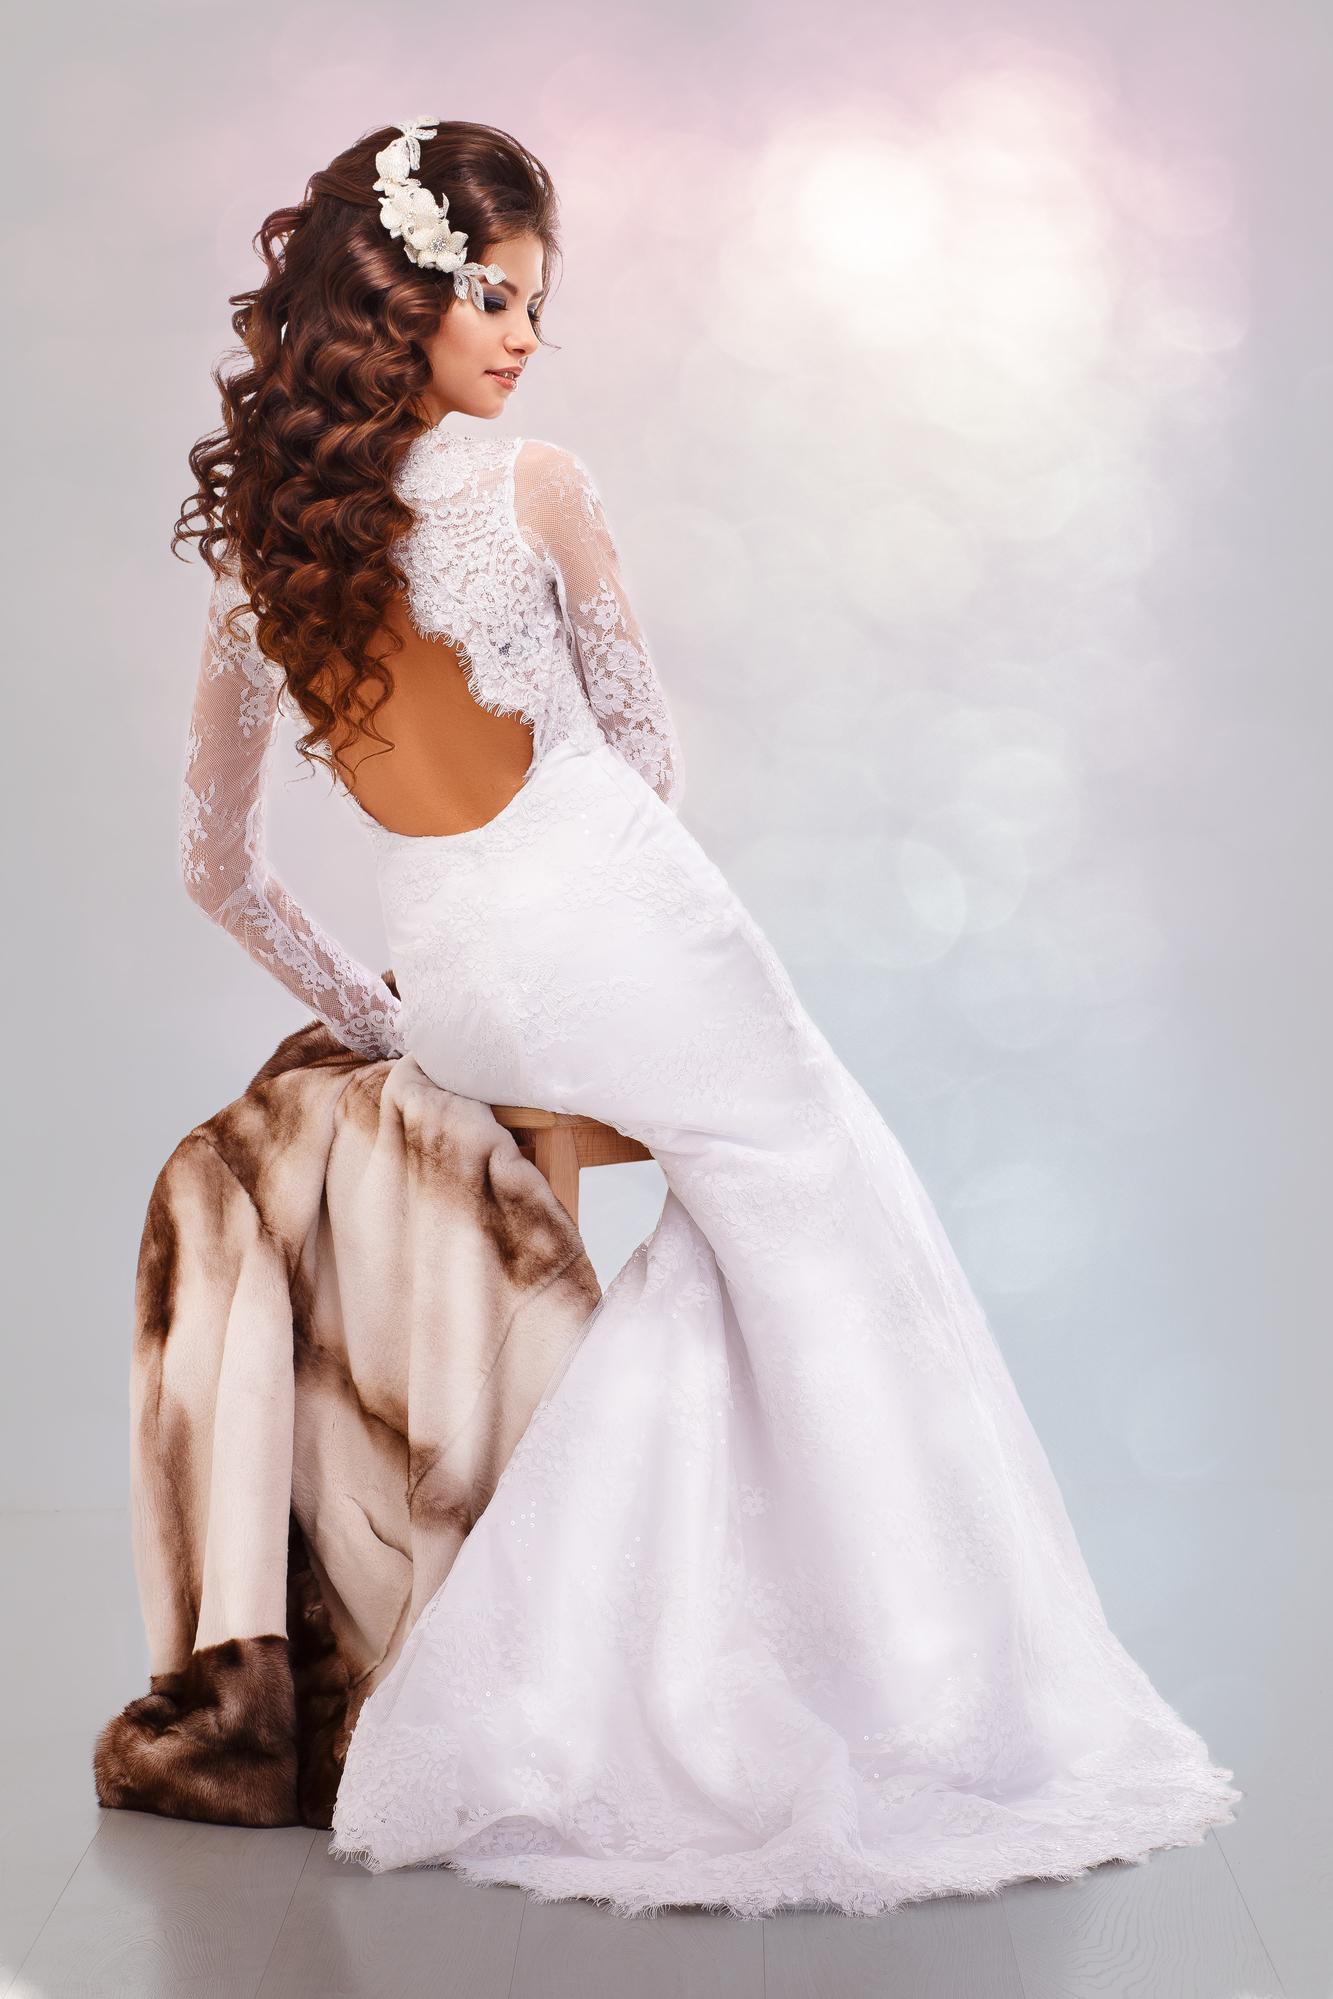 c6925aae3d7 Платья с открытой спиной - тенденции в свадебной моде 2016